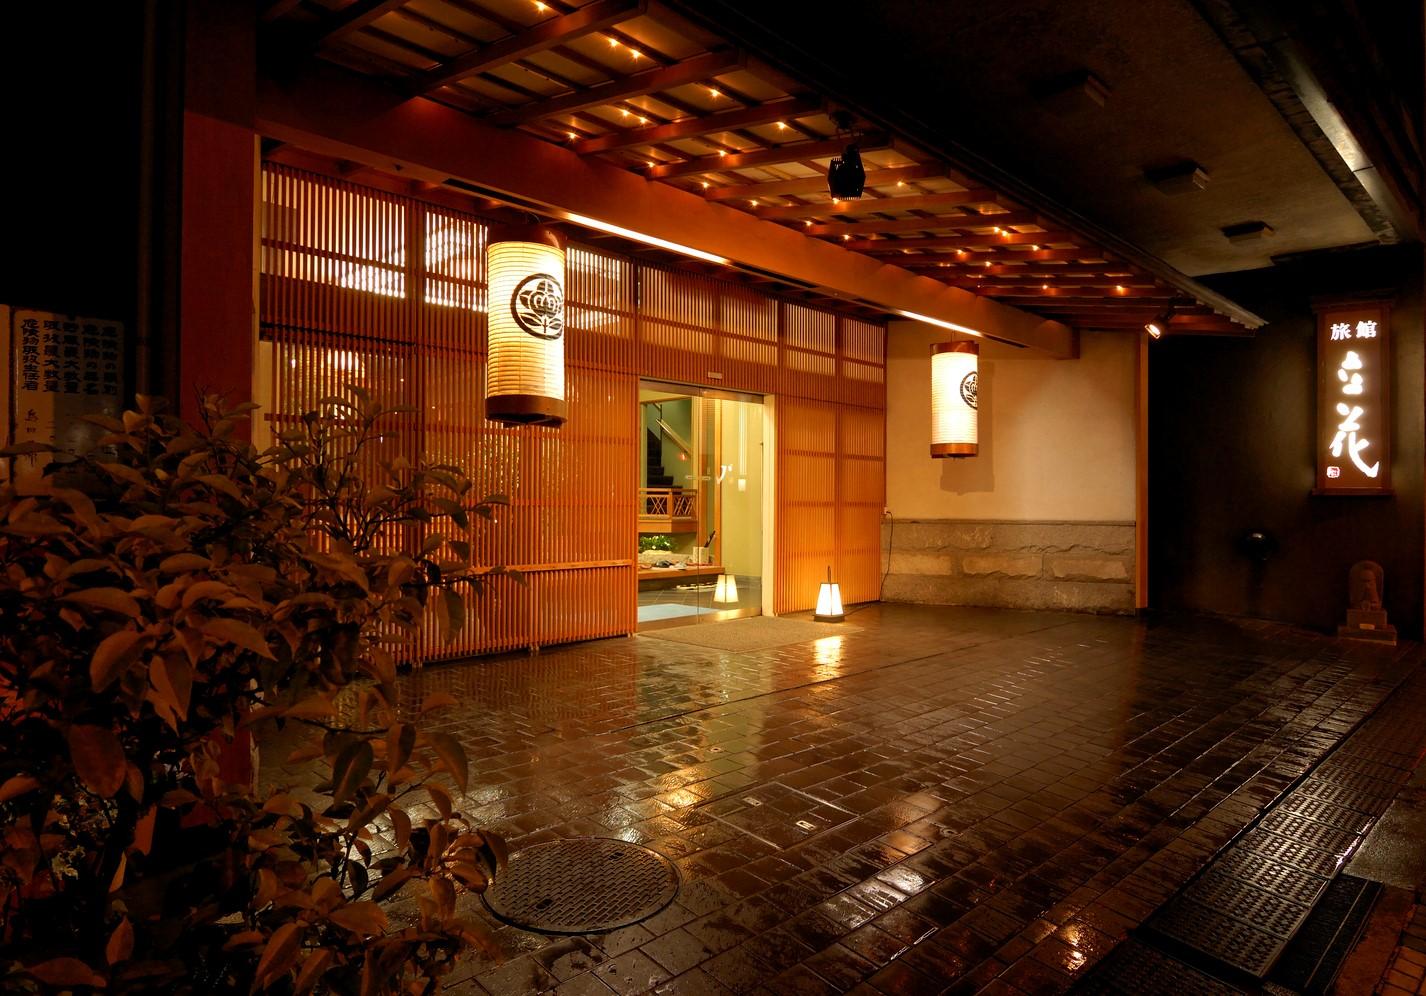 シニア世代でも落ち着ける和室の部屋のある熱海温泉の宿でオススメはありますか?